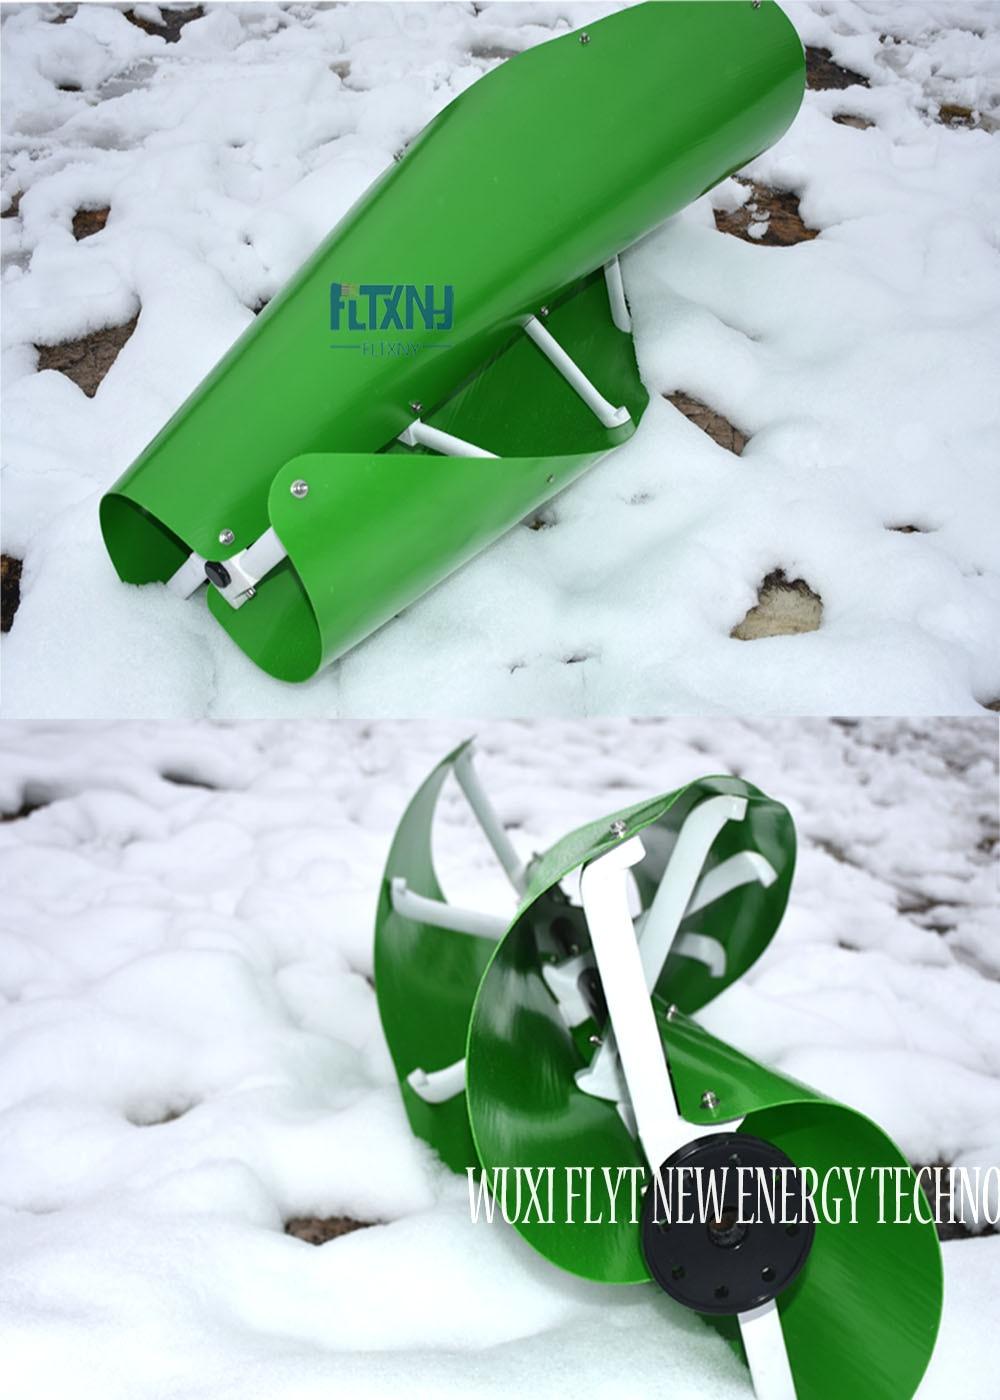 Mini Micro Small 3-PHASE Wind Turbines main Alternateur Générateur 3V-24v 12 V NOUVEAU